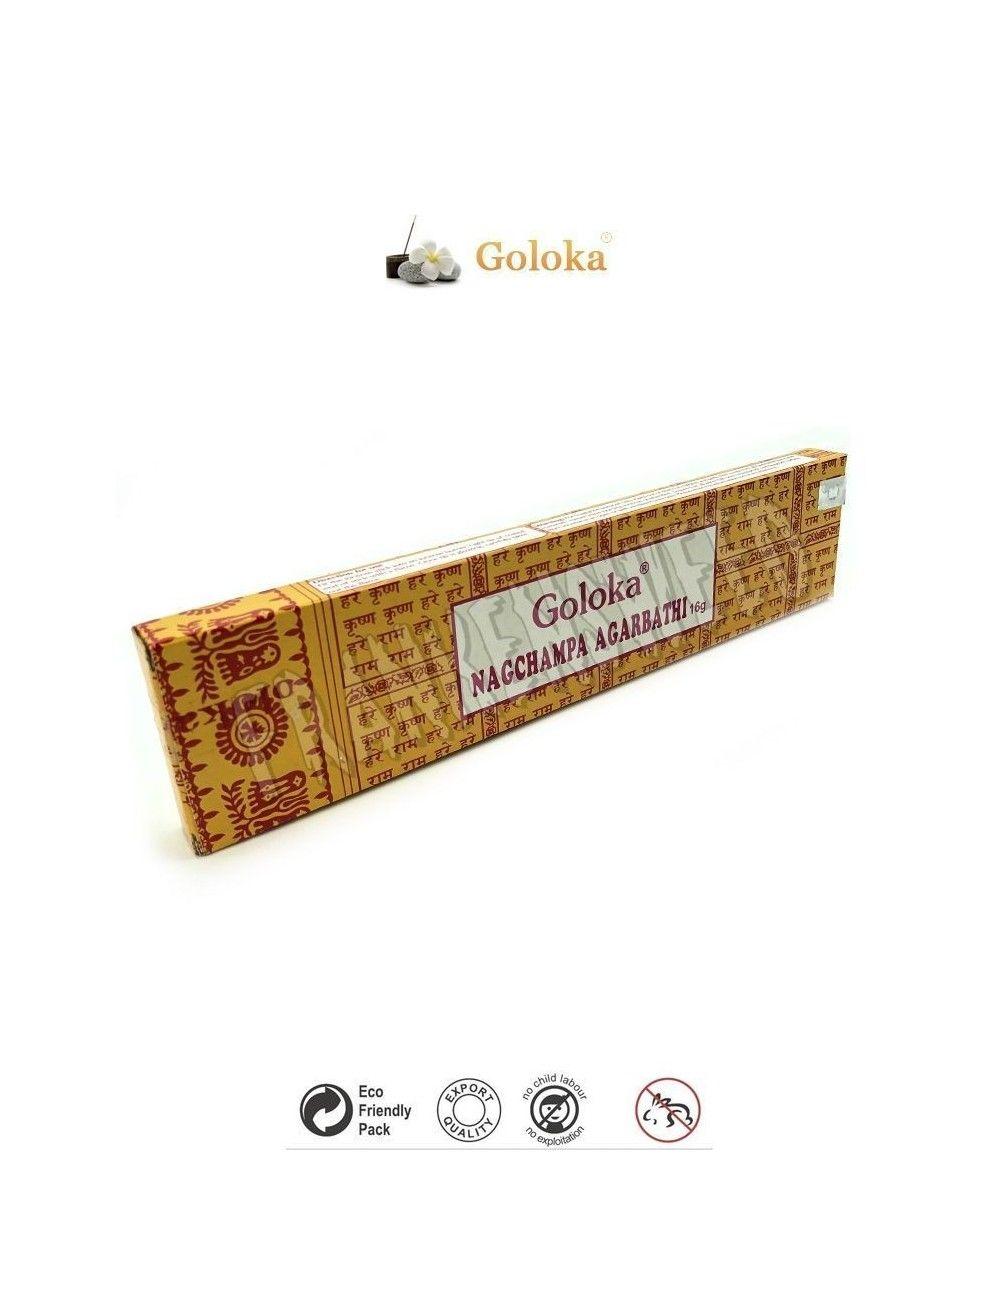 Agarbathi Nagchampa - Goloka - Incense Sticks